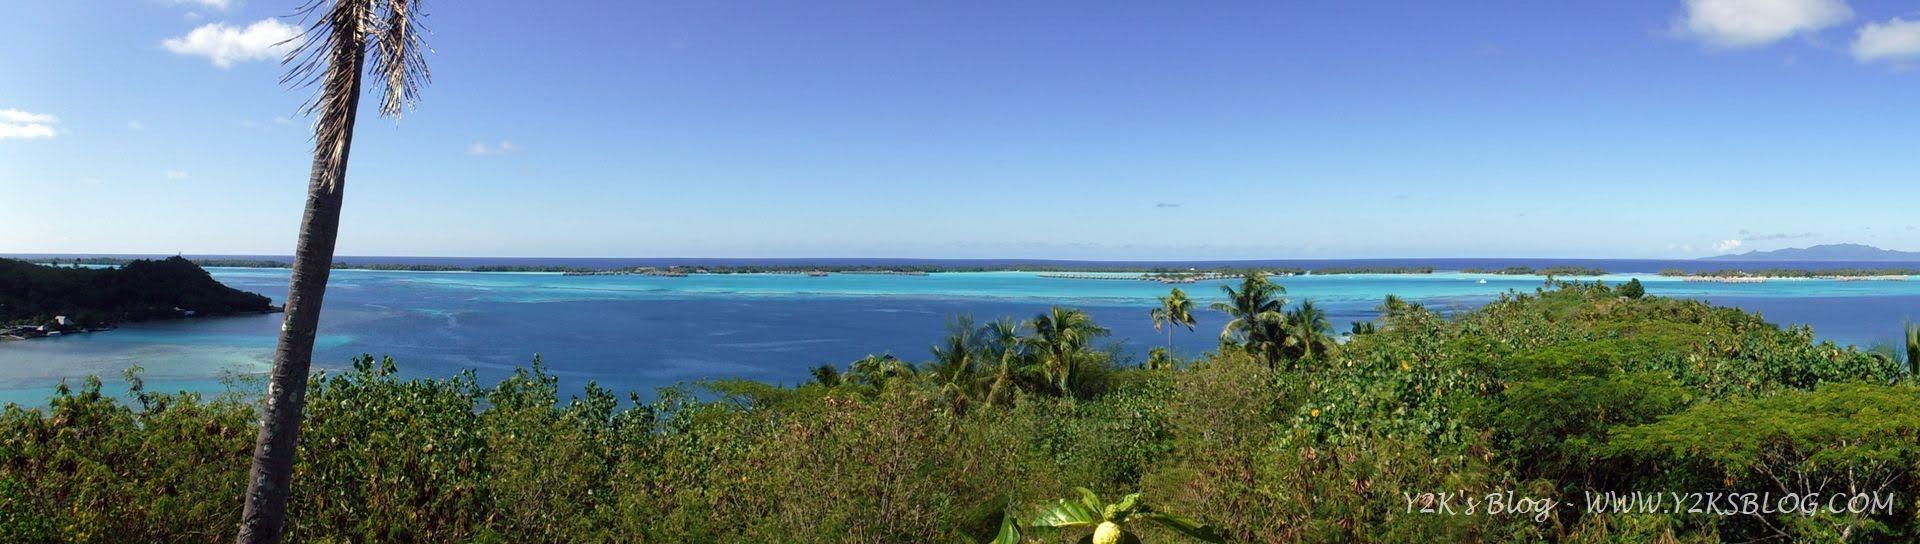 Panoramica di parte della laguna di Bora Bora